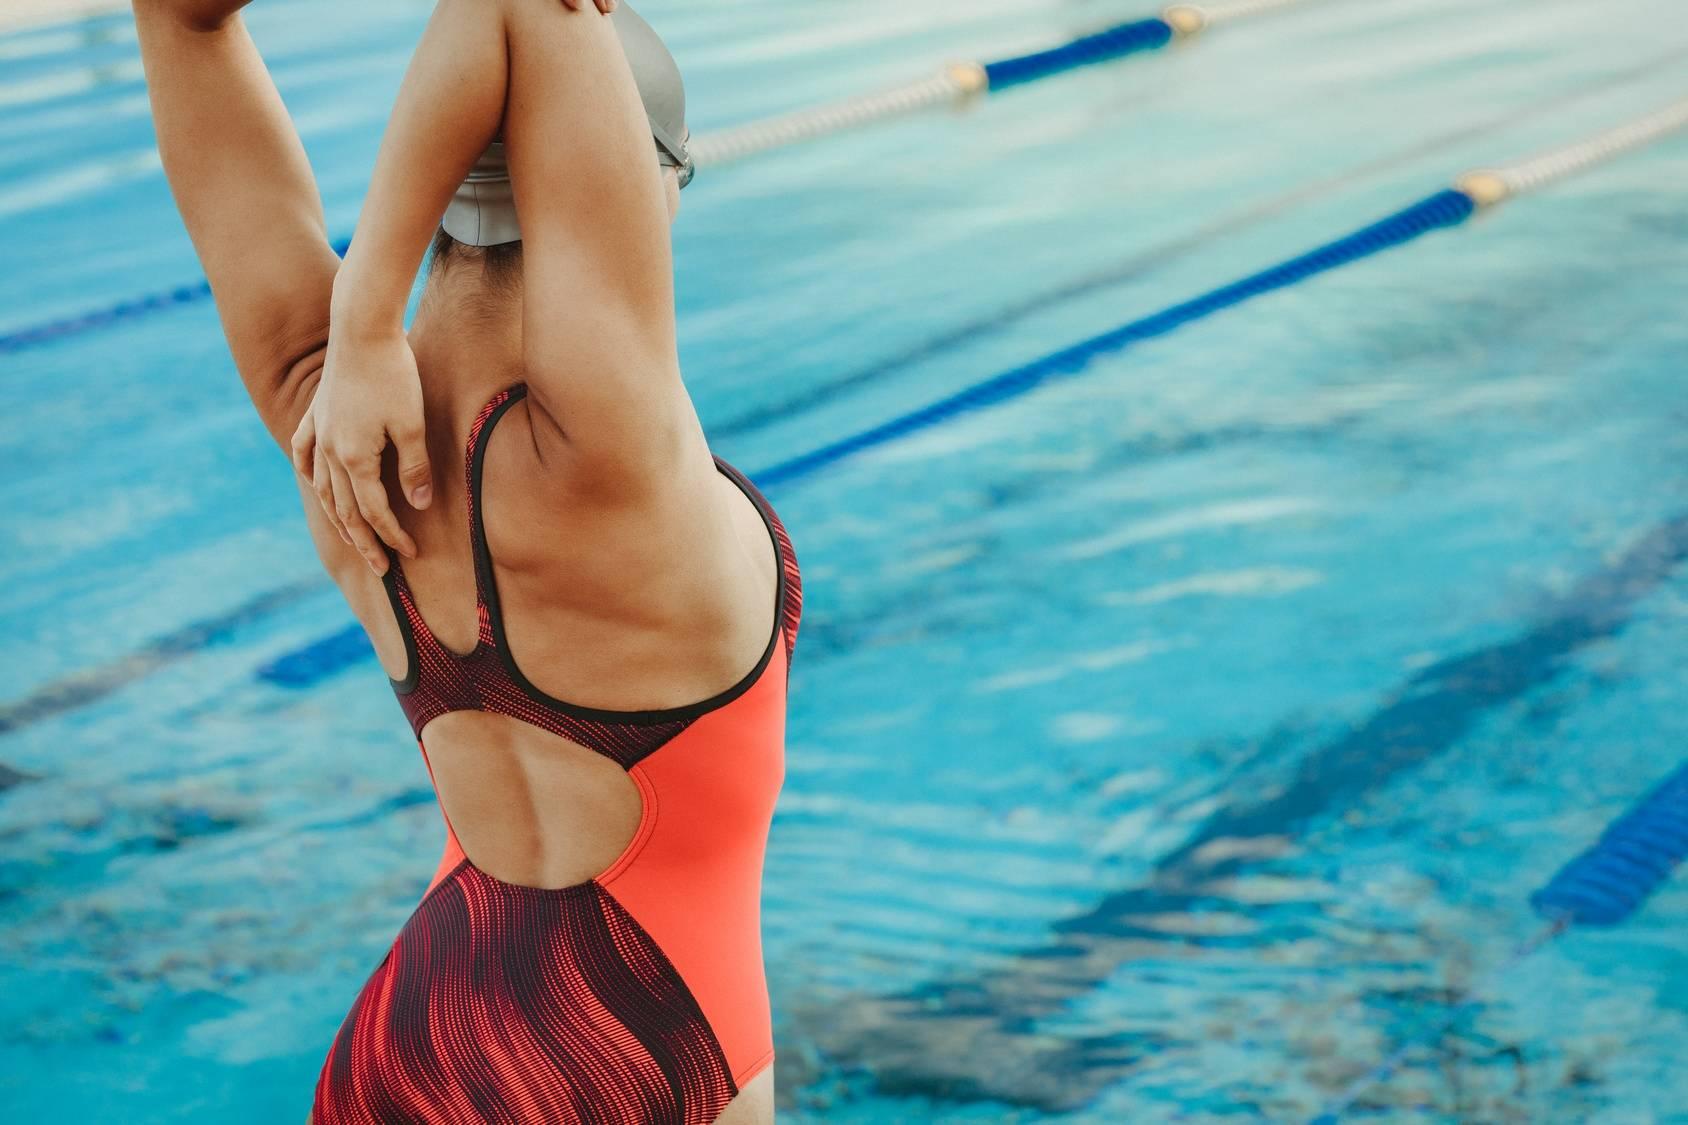 Rozgrzewka przed pływaniem. Kobieta rozciąga się przed skokiem do basenu.